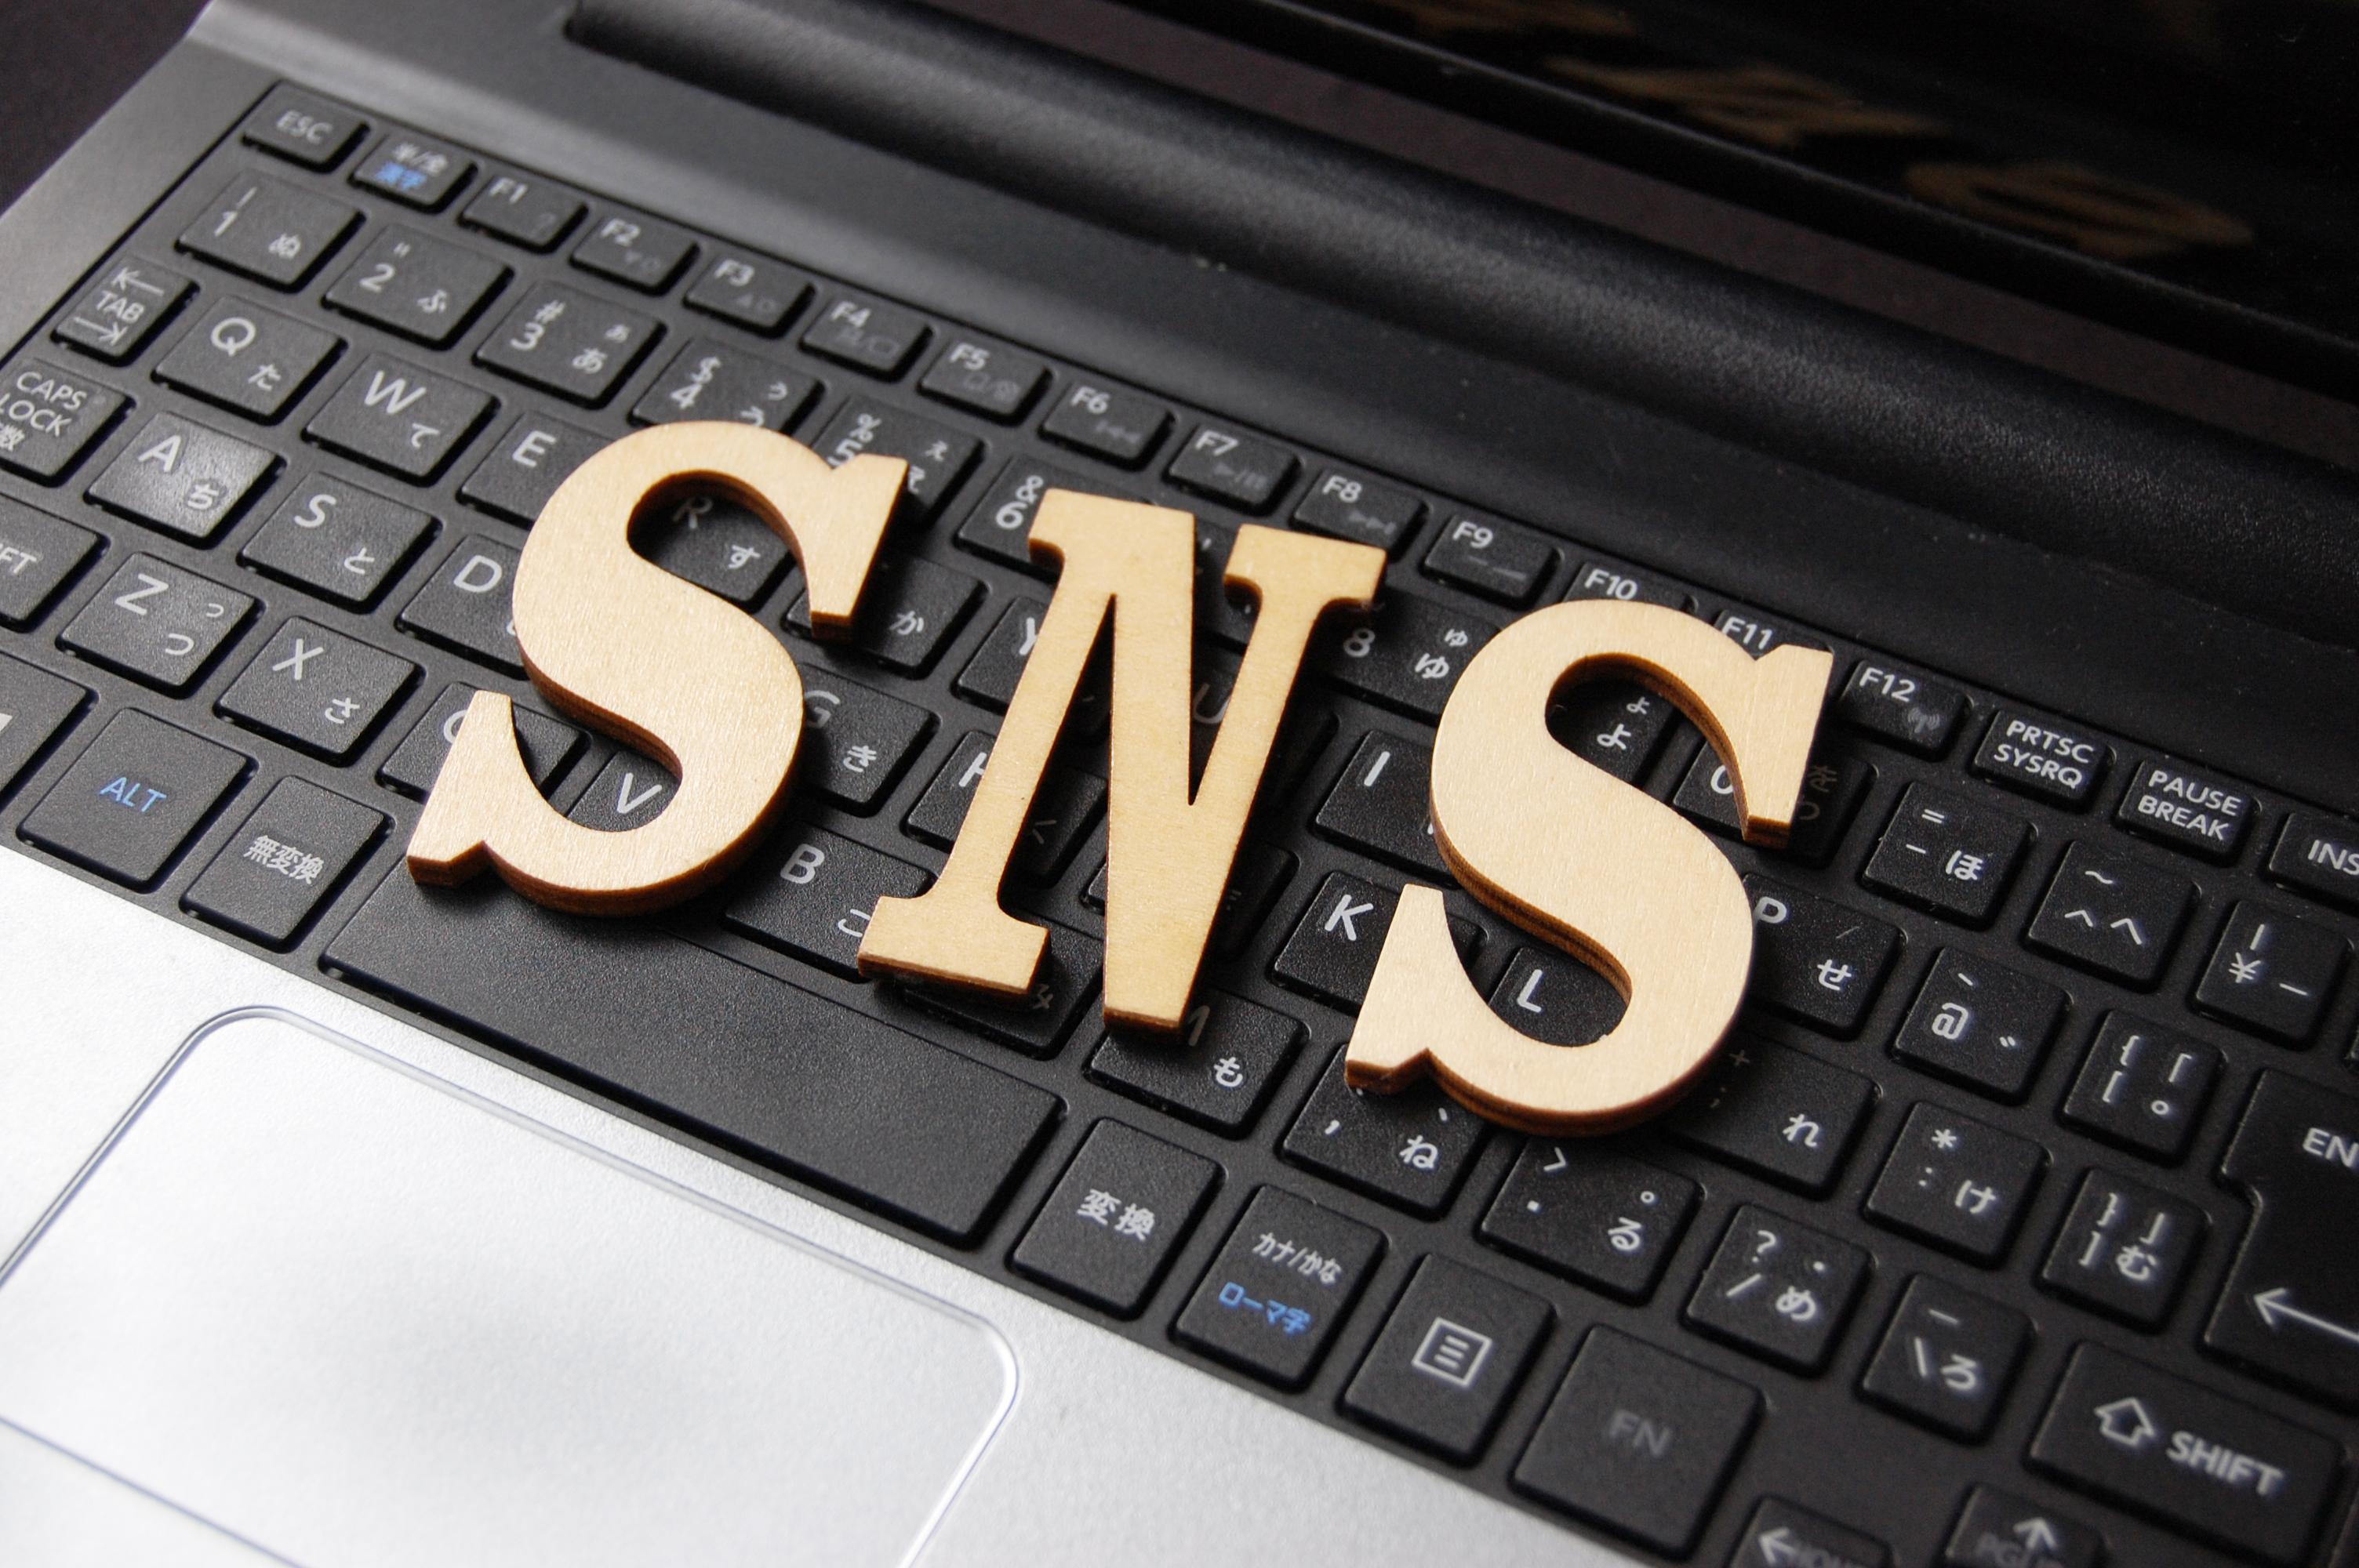 ブログ運営にTwitterなどのSNSが役に立つ理由